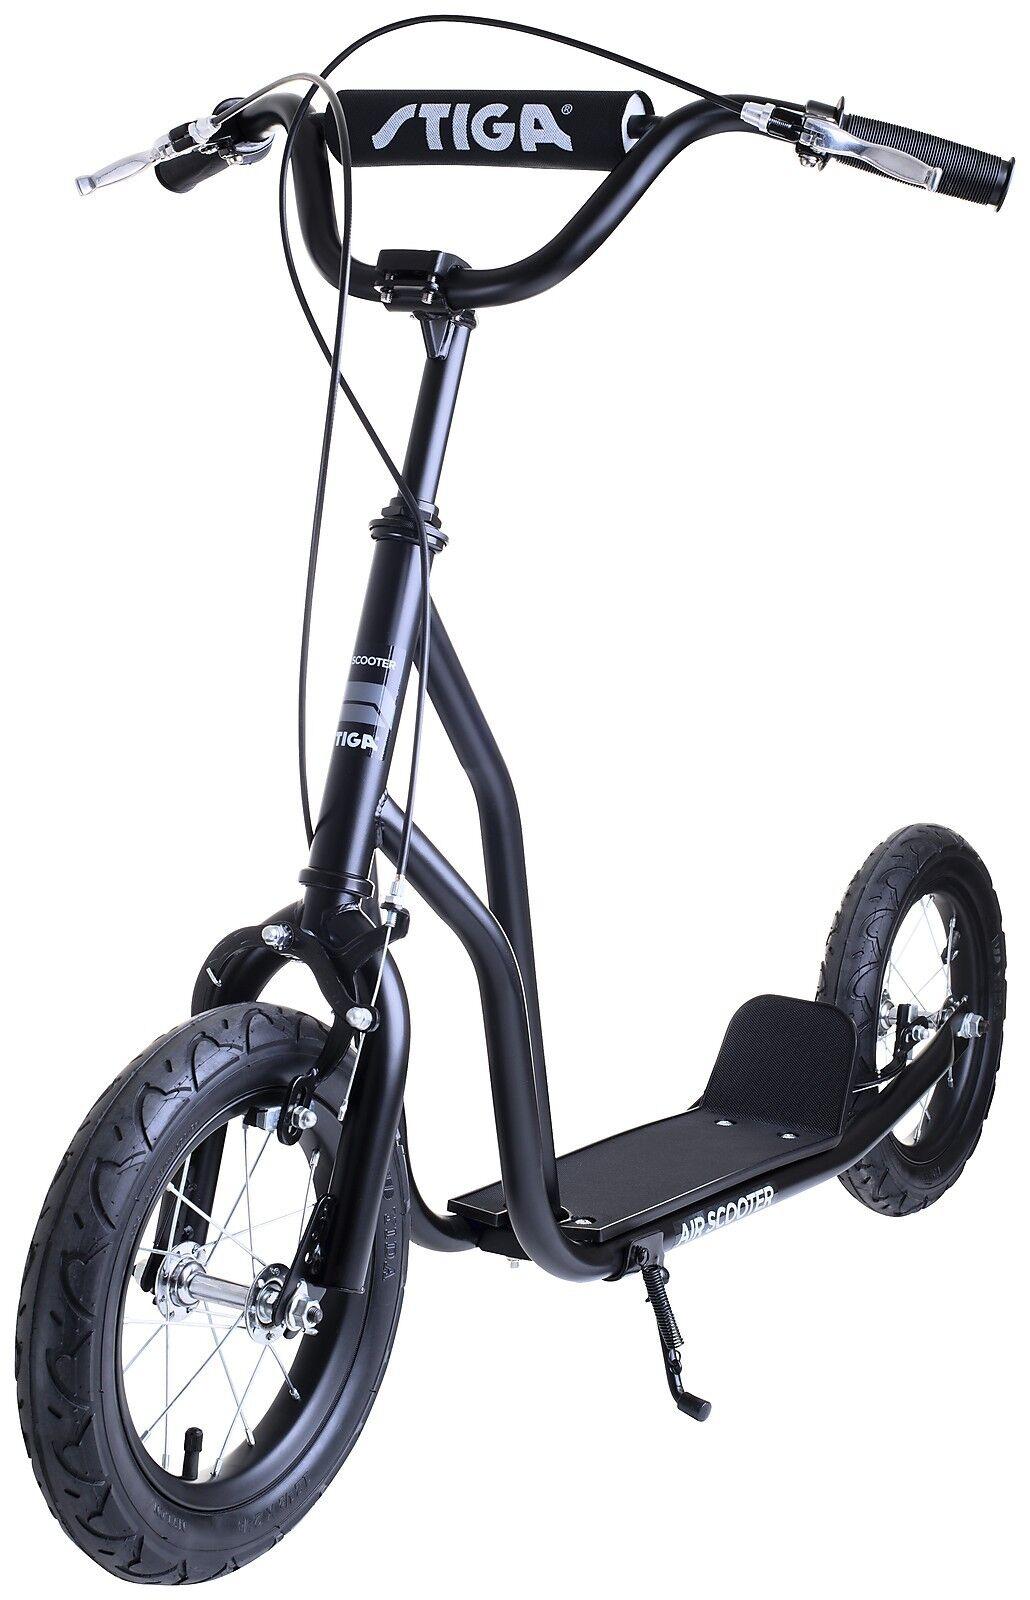 Stiga Scooter AIR mit Luftreifen Luftreifen Luftreifen Lufträder Roller Fahrrad Schwarz aa98e4